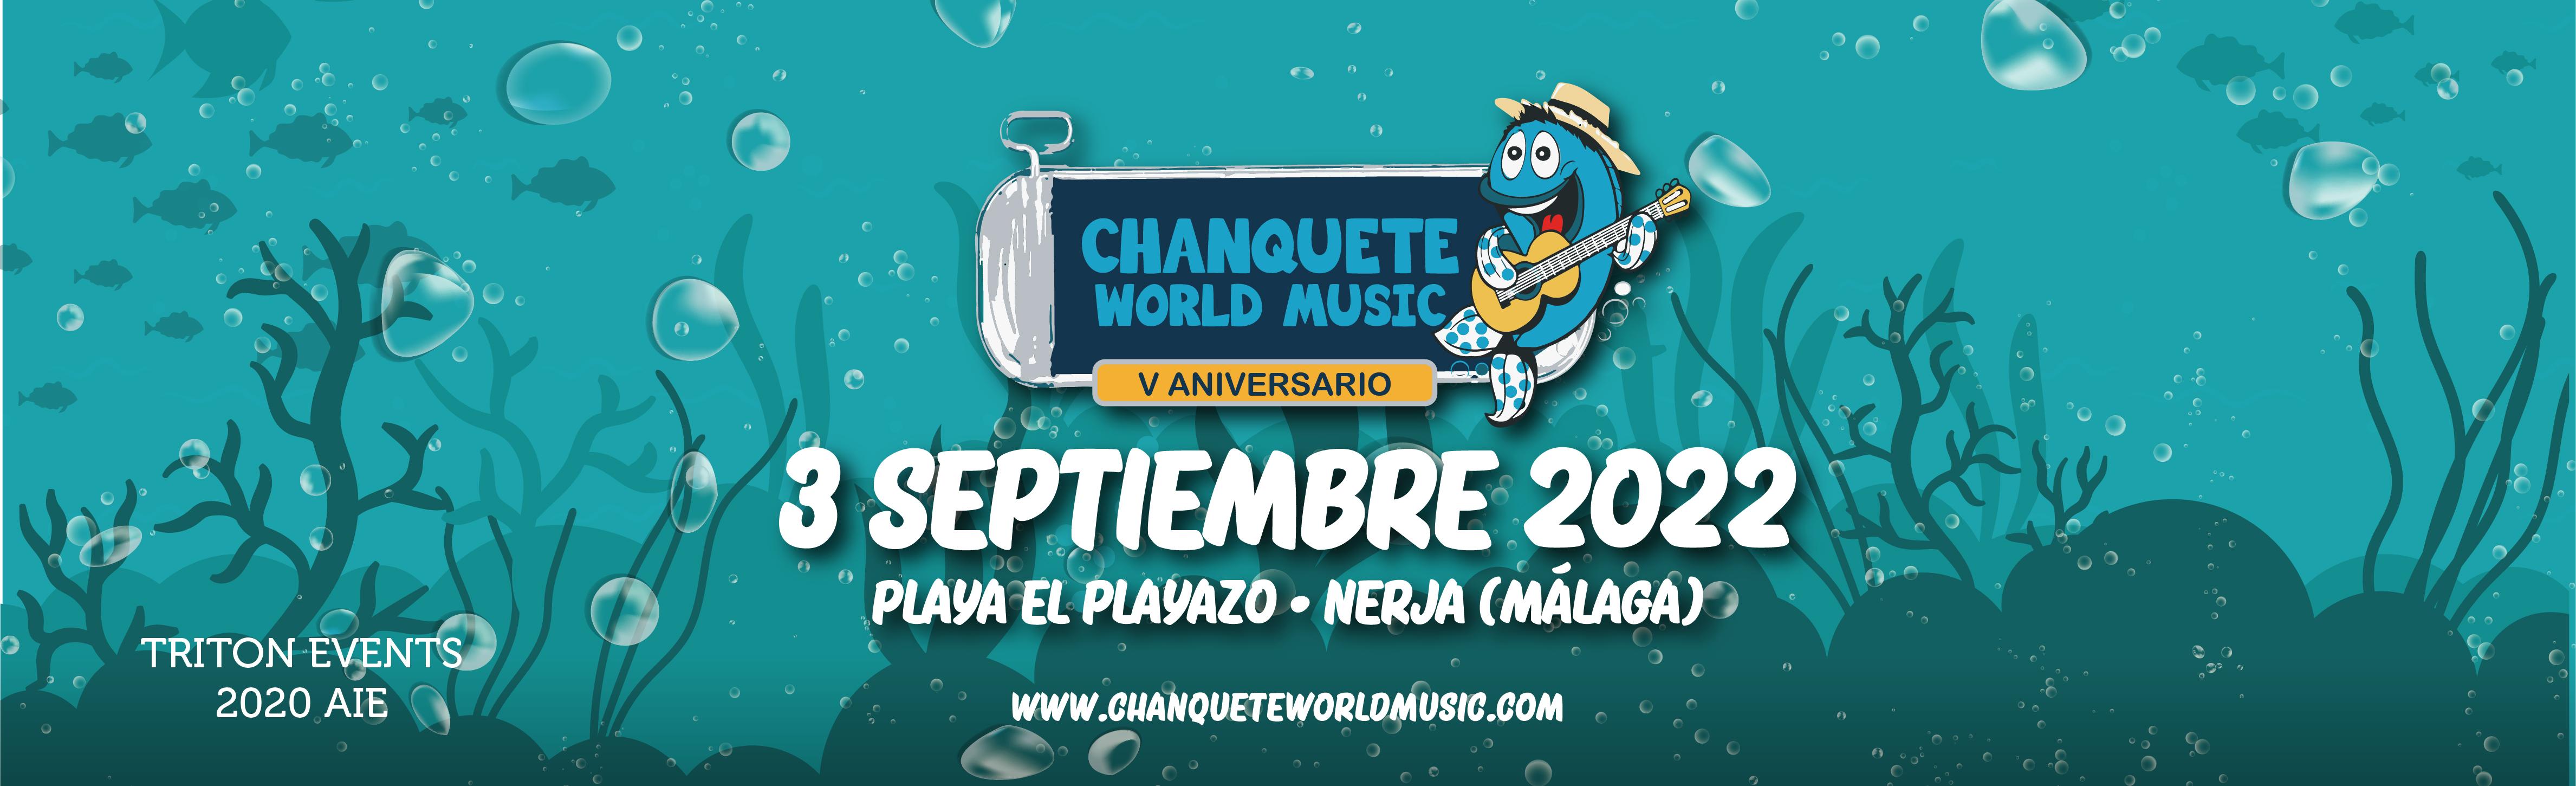 chanquete-world-music-2020-61262bd1d78026.91354668.jpeg